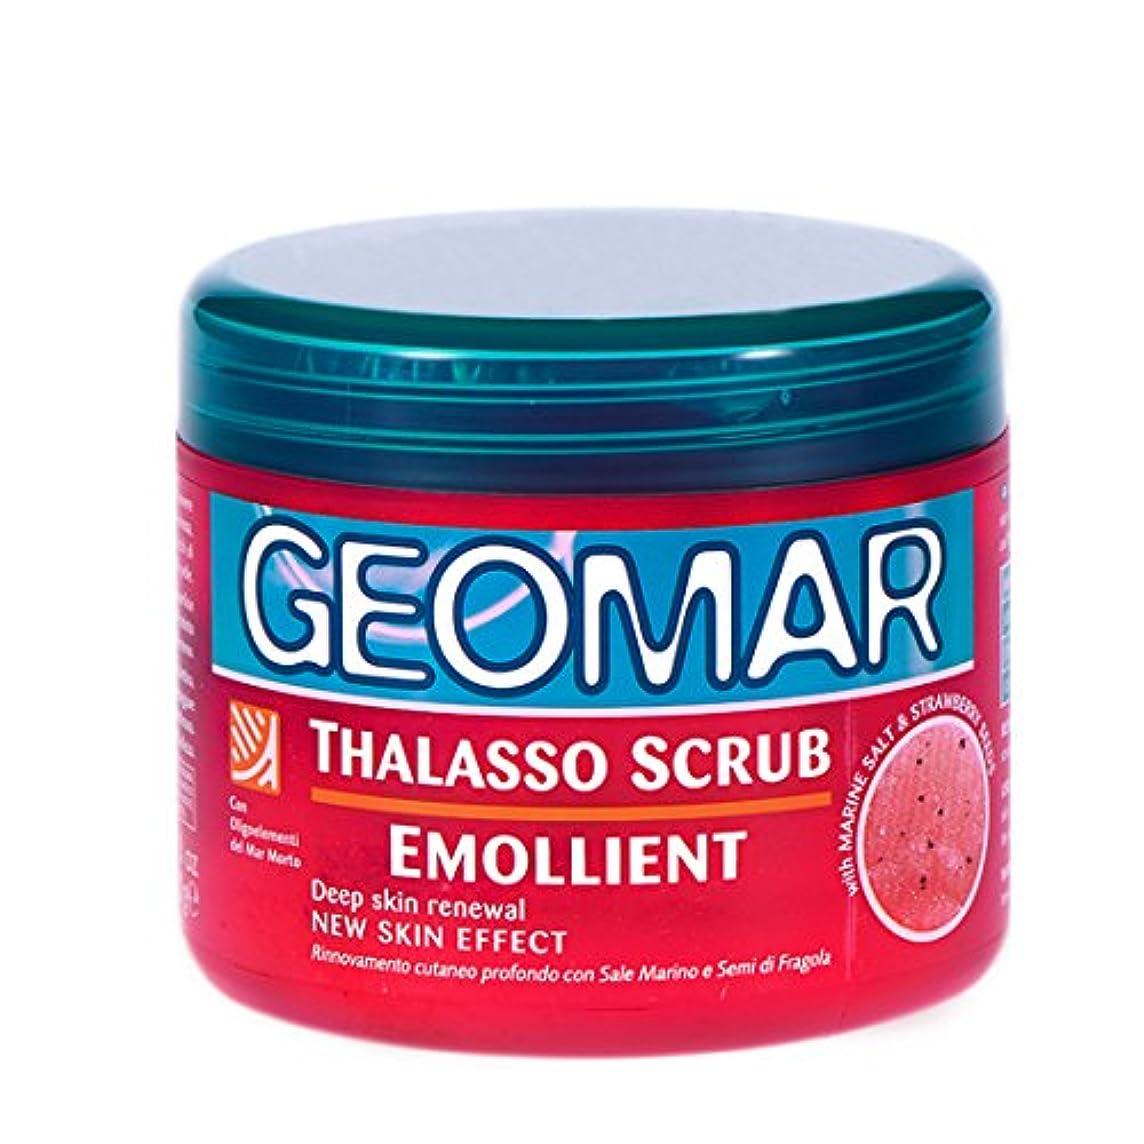 元気な十増強するジェオマール タラソスクラブ エモリエン #ストロベリー 600g(並行輸入品)